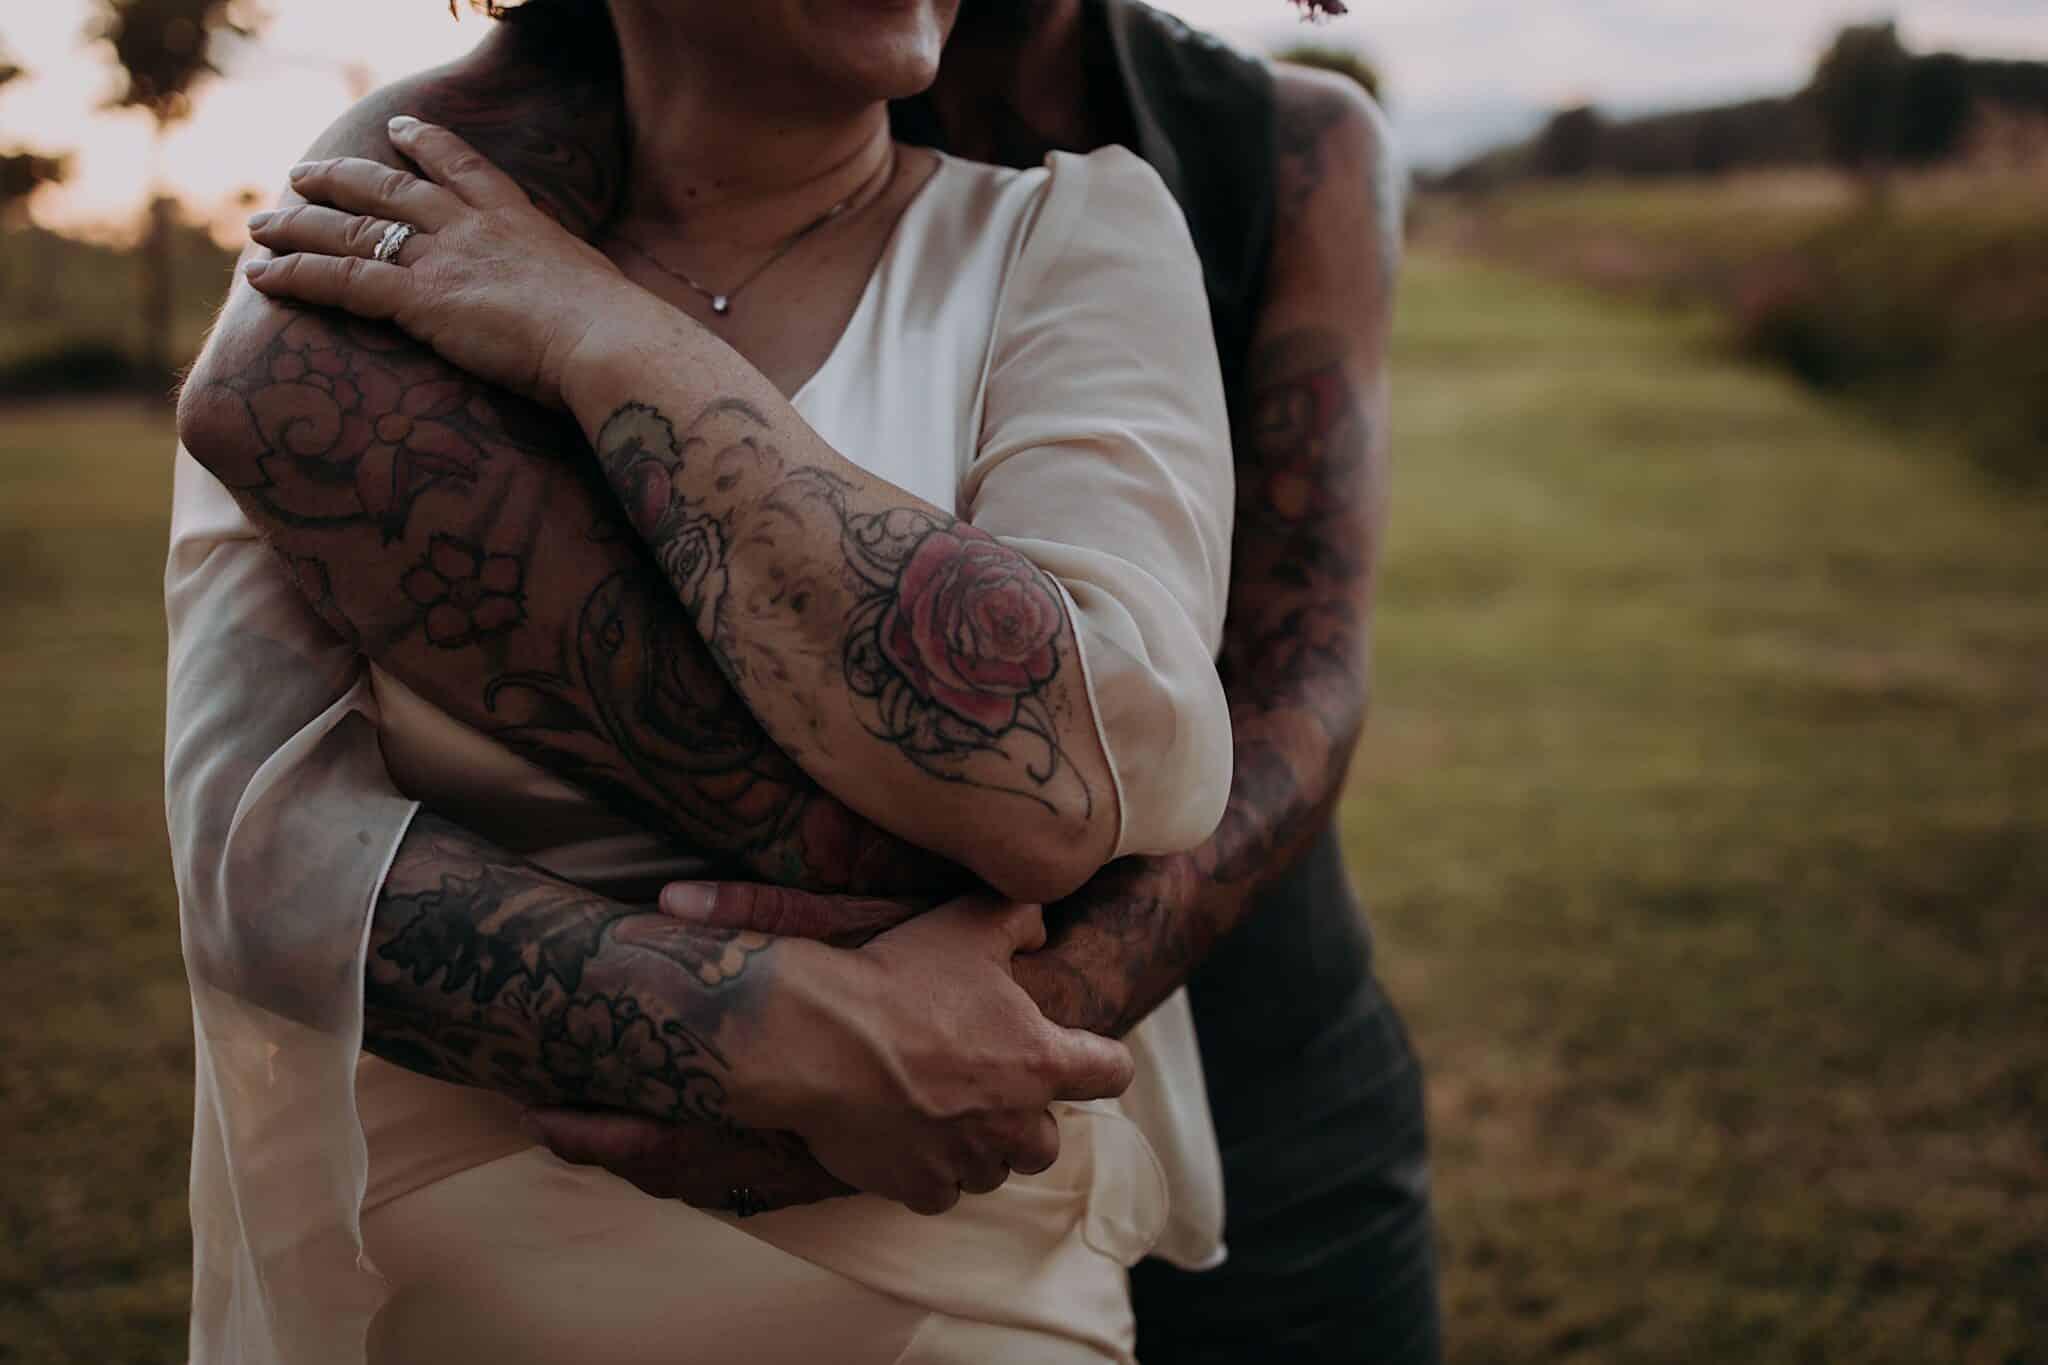 dettagli di tatuaggi di un matrimonio